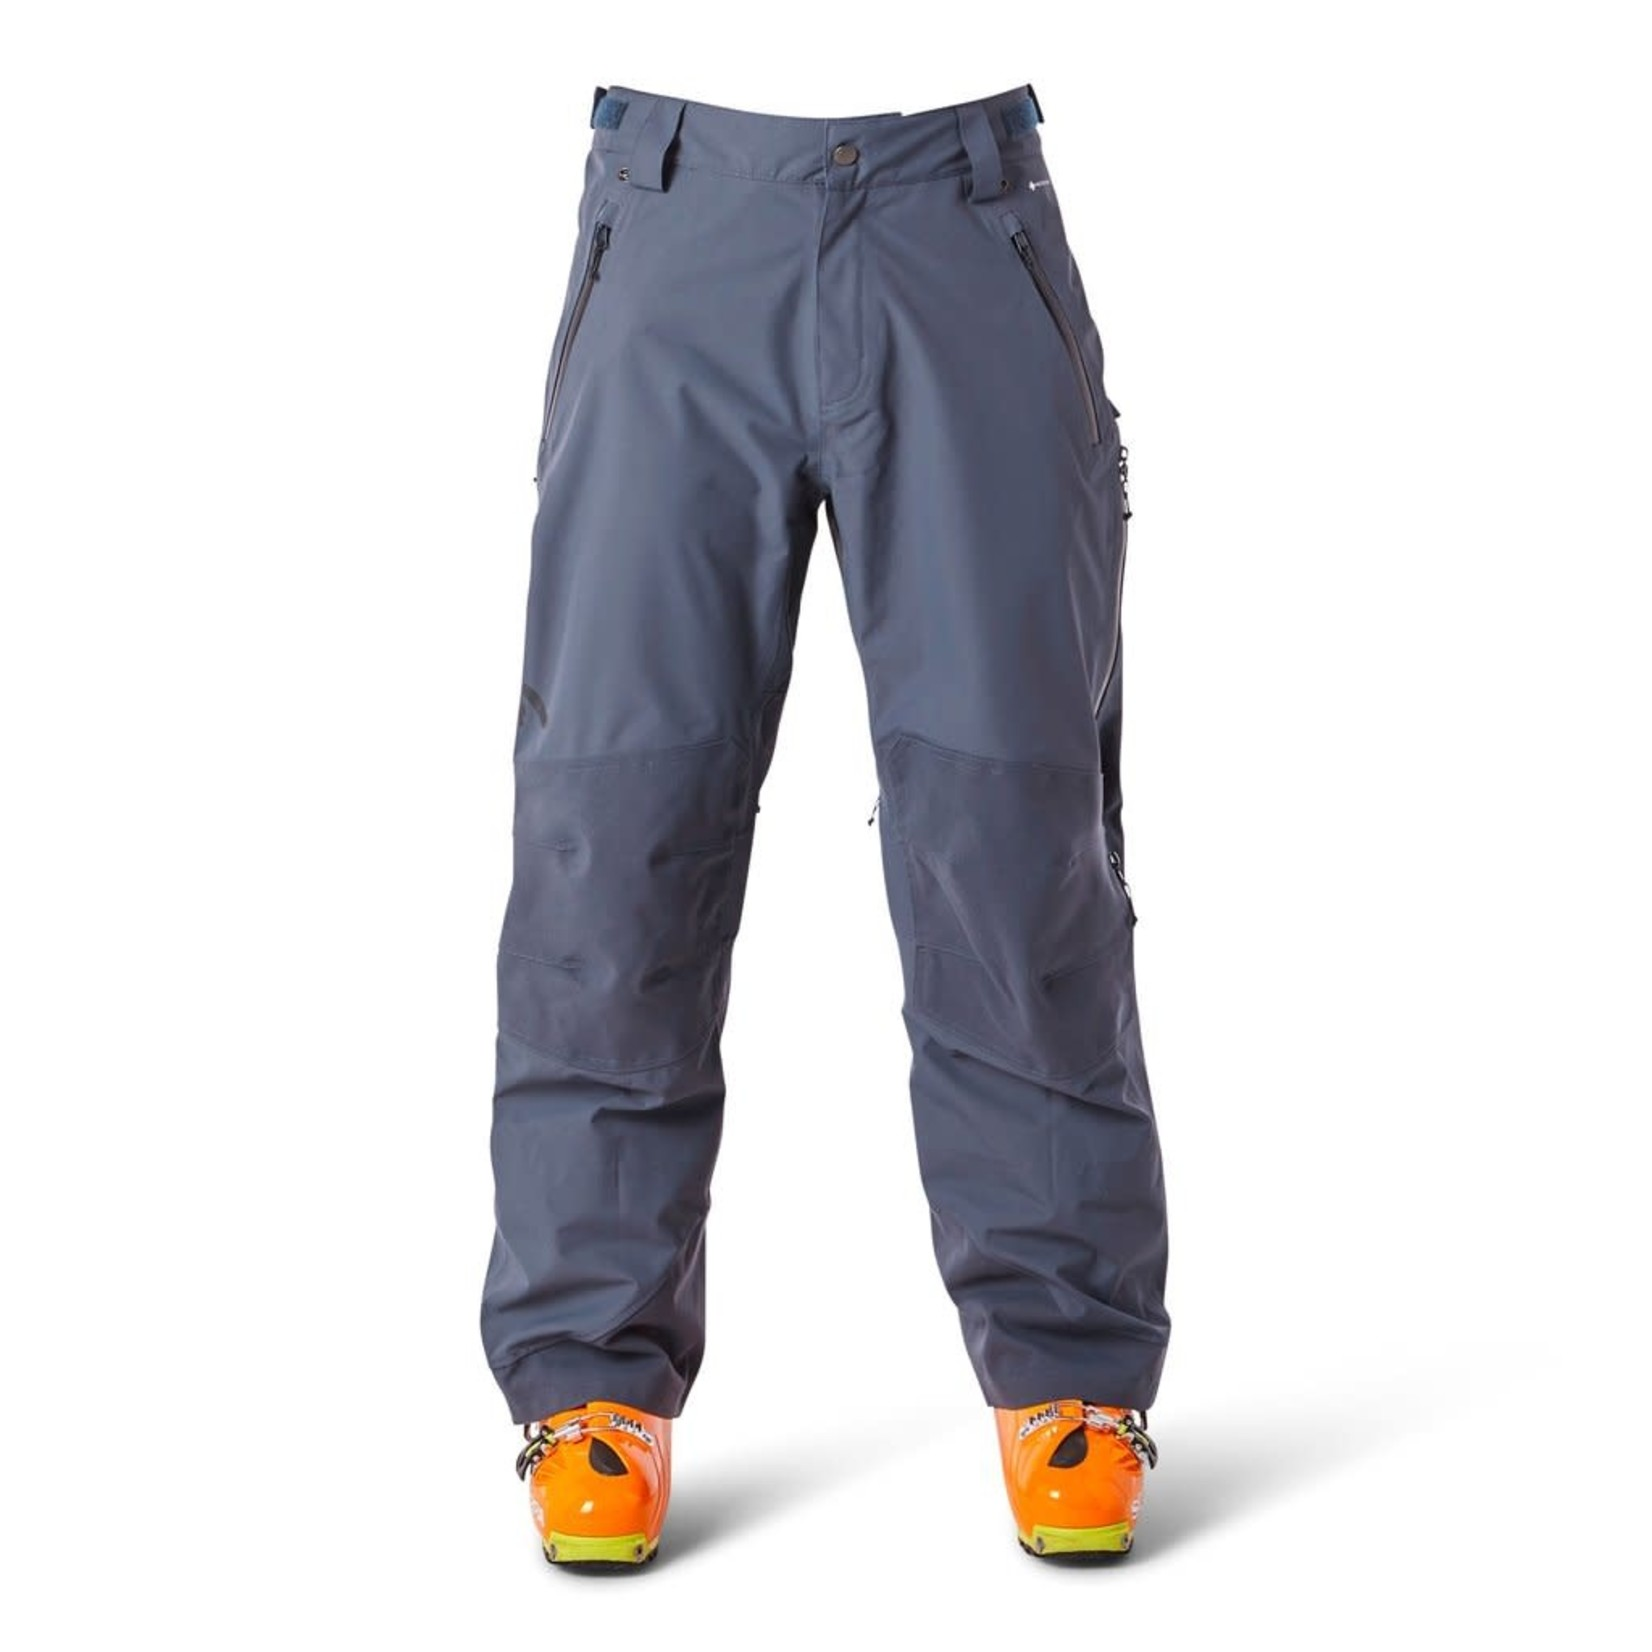 Flylow Pantalon de ski Flylow Chemical - Homme